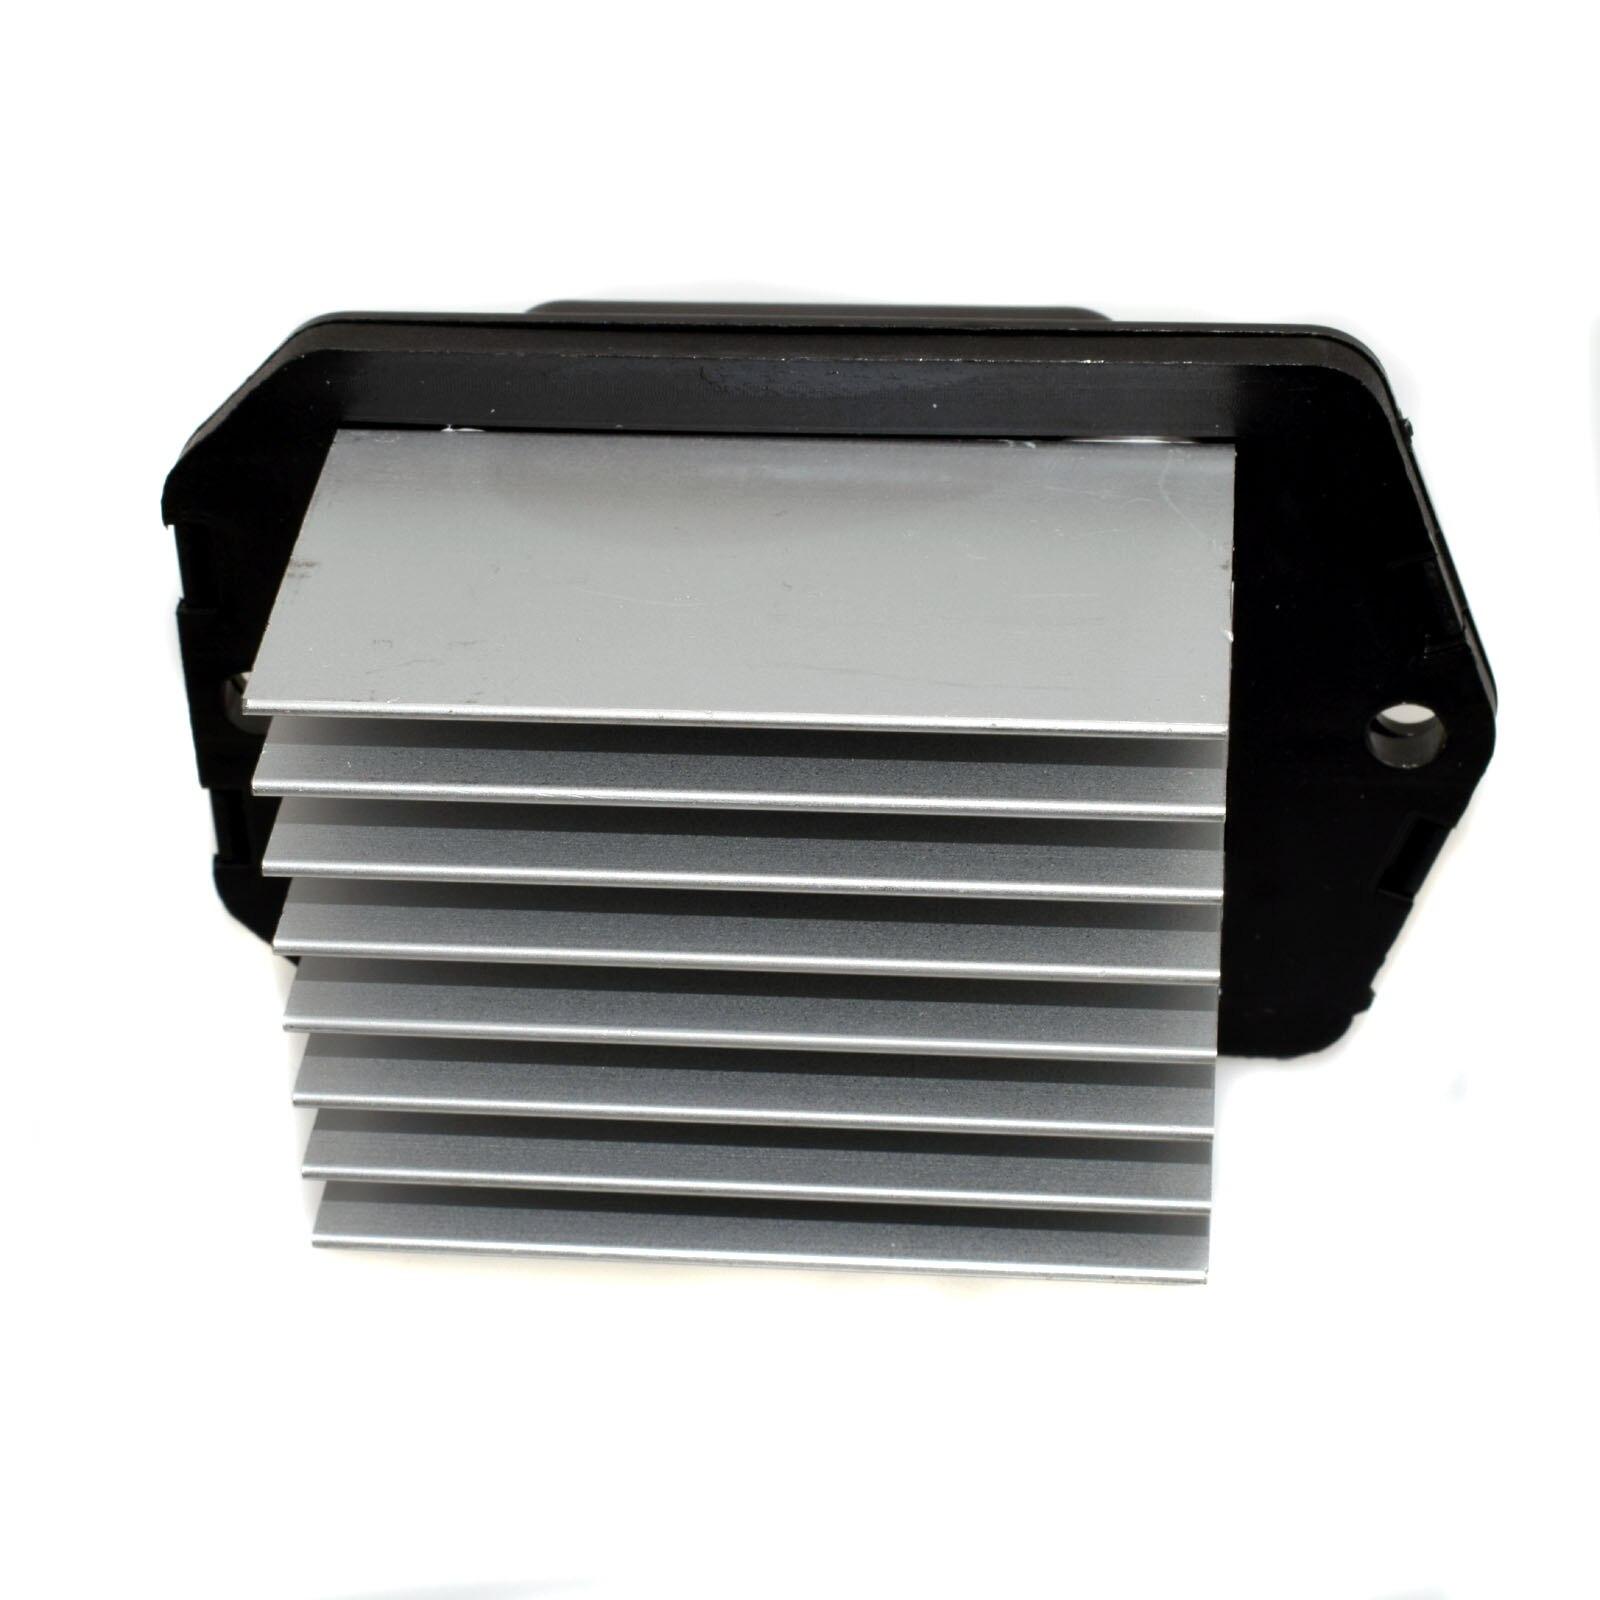 Wolfigo Heater Blower Motor Fan Resistor For Honda Civic Cr V 2003 Element 79330s5a942 79330 S5a 942 79330s7a941 0778000970 Mt1816 In A C Controls From